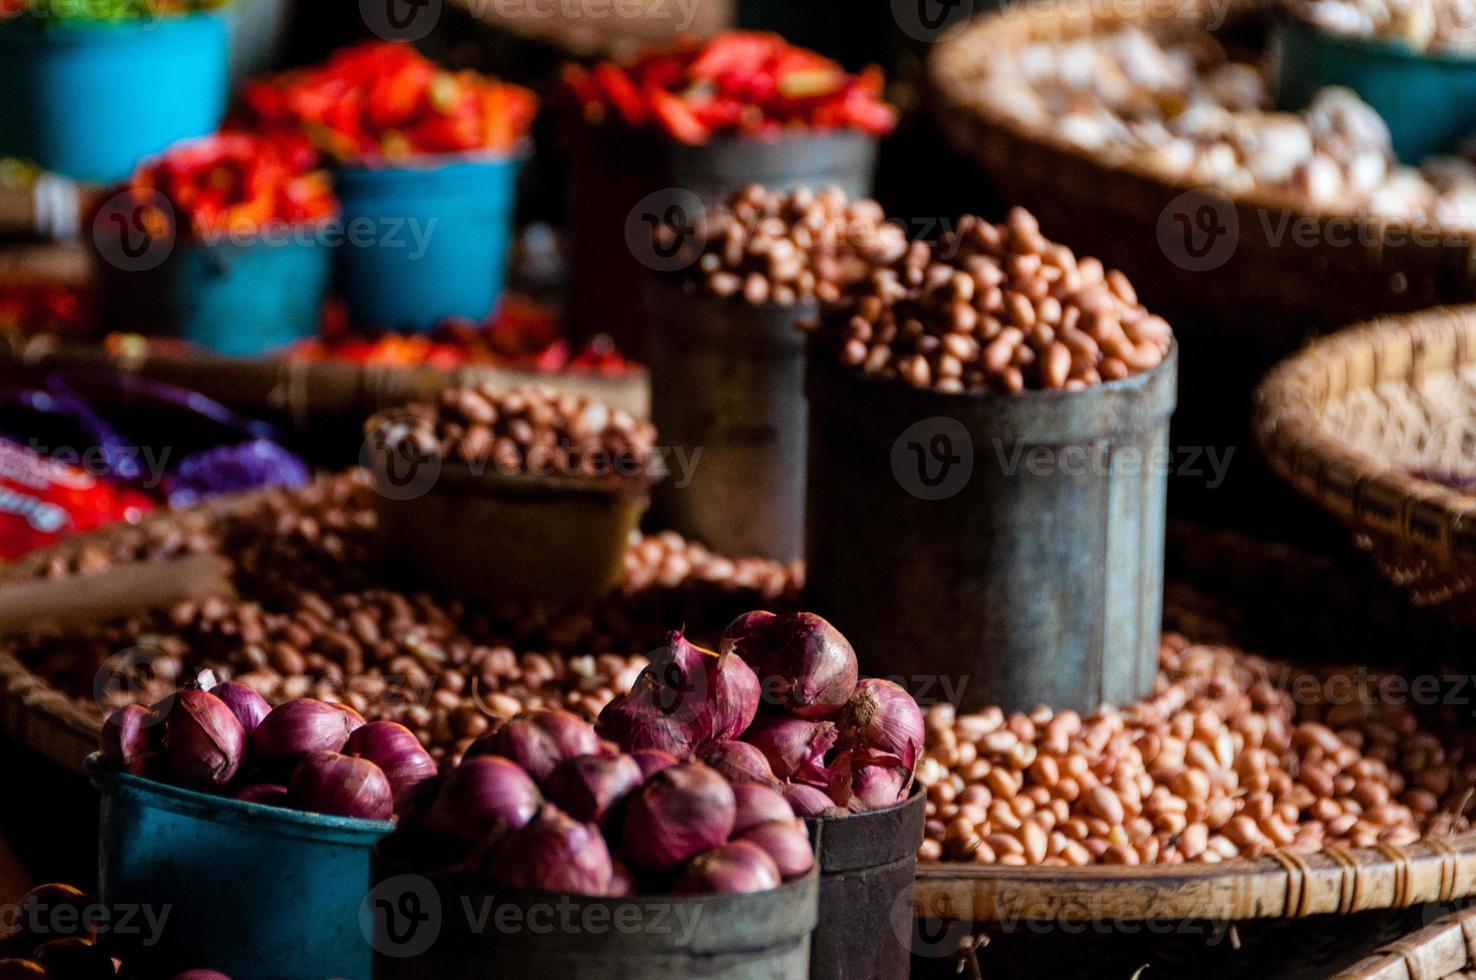 nueces peladas y cebollas en cubos pequeños en el mercado local foto